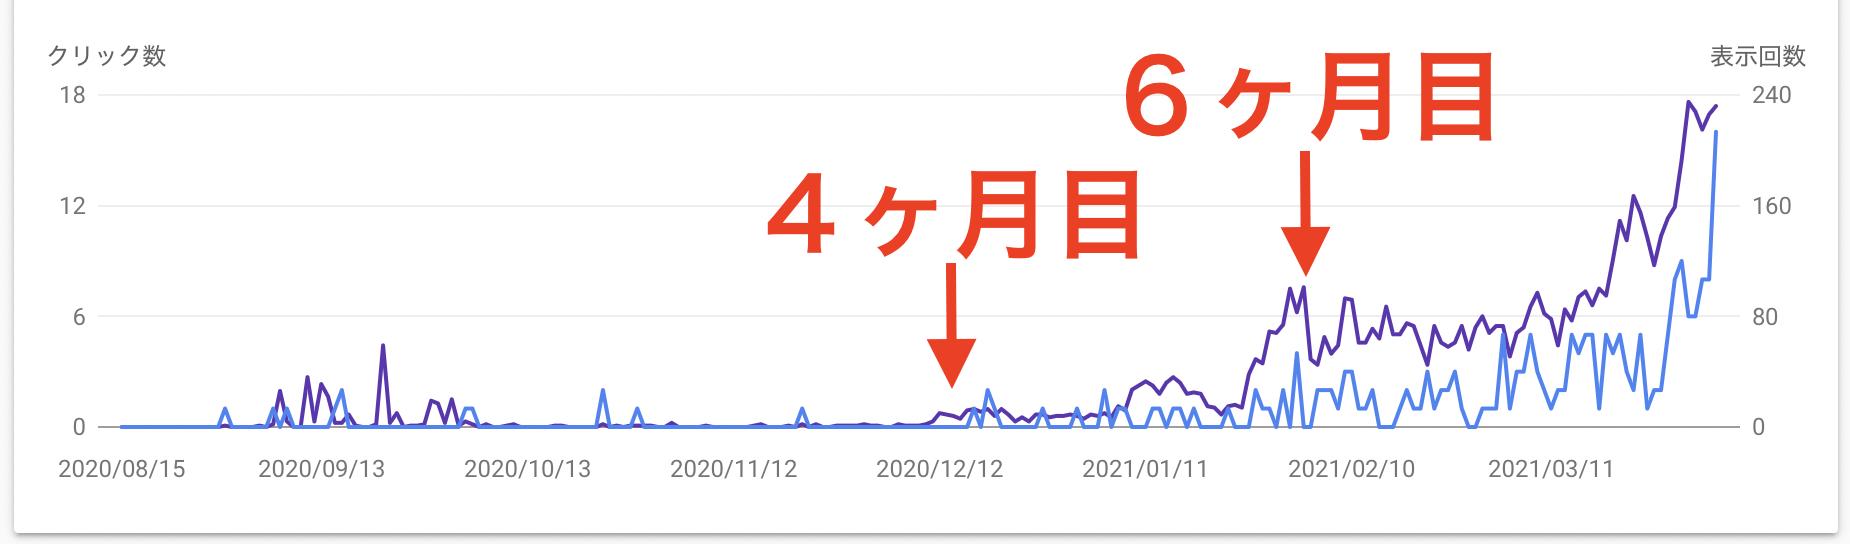 ブログ8ヶ月の検索流入推移